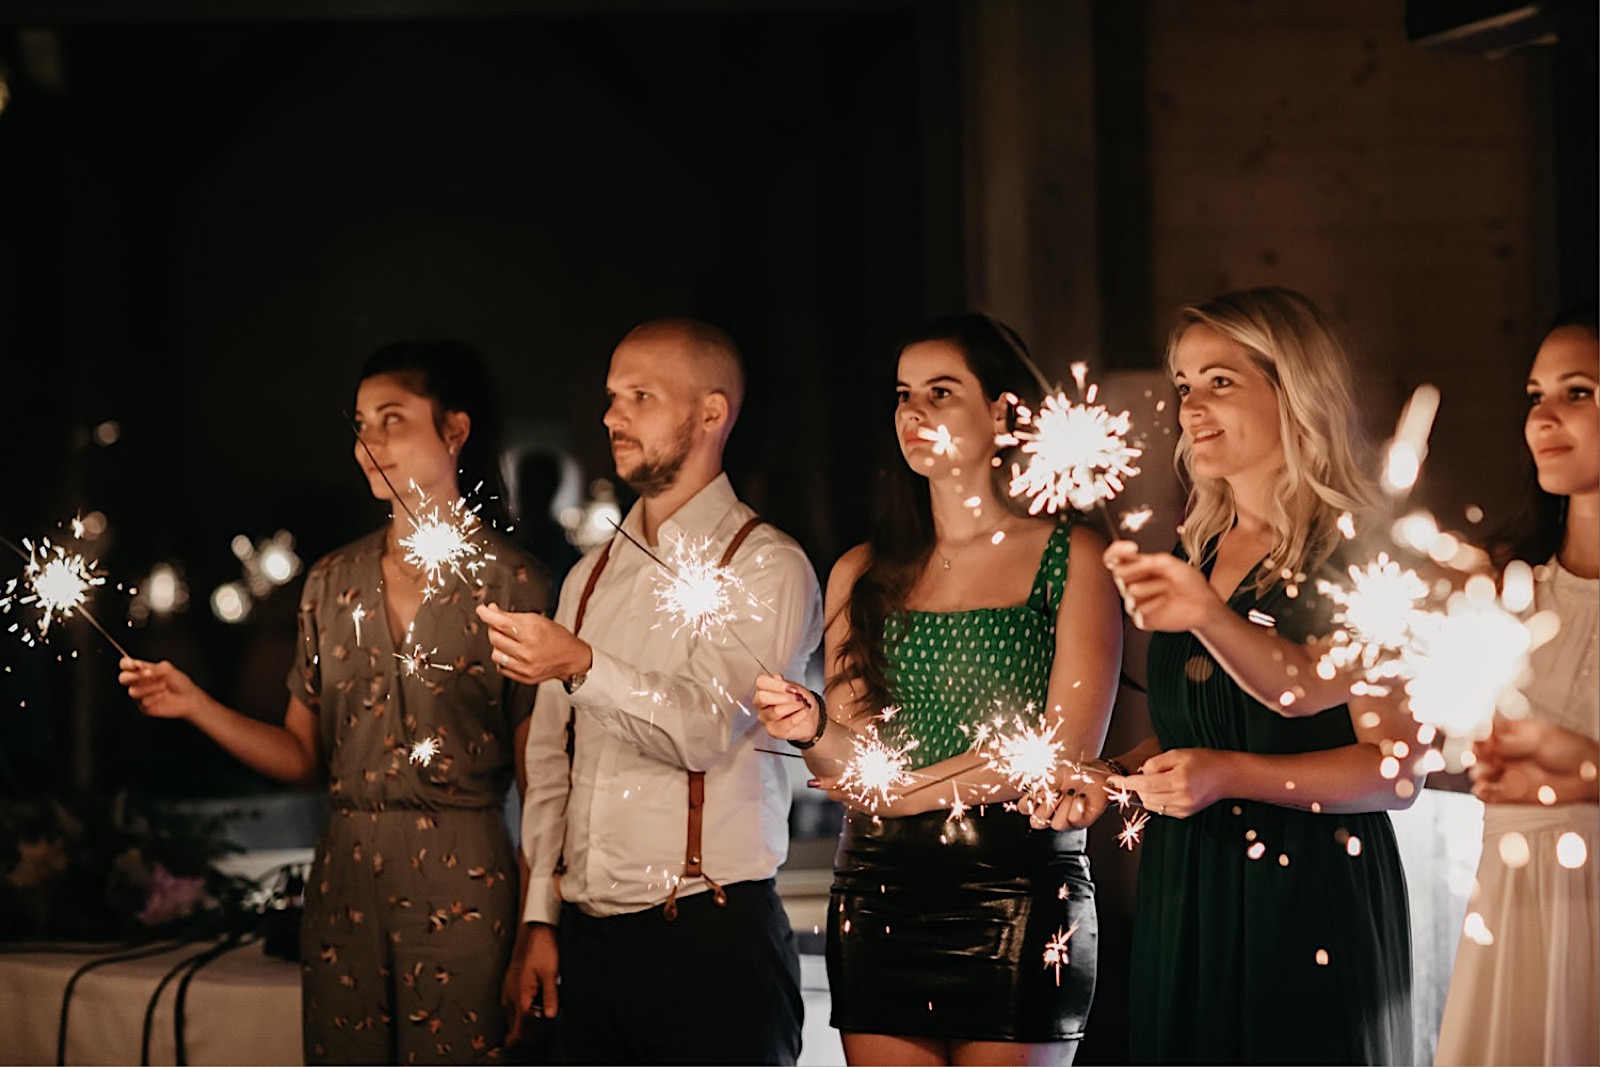 63_bohowedding_party_reception_switzerland (40 von 43).jpg